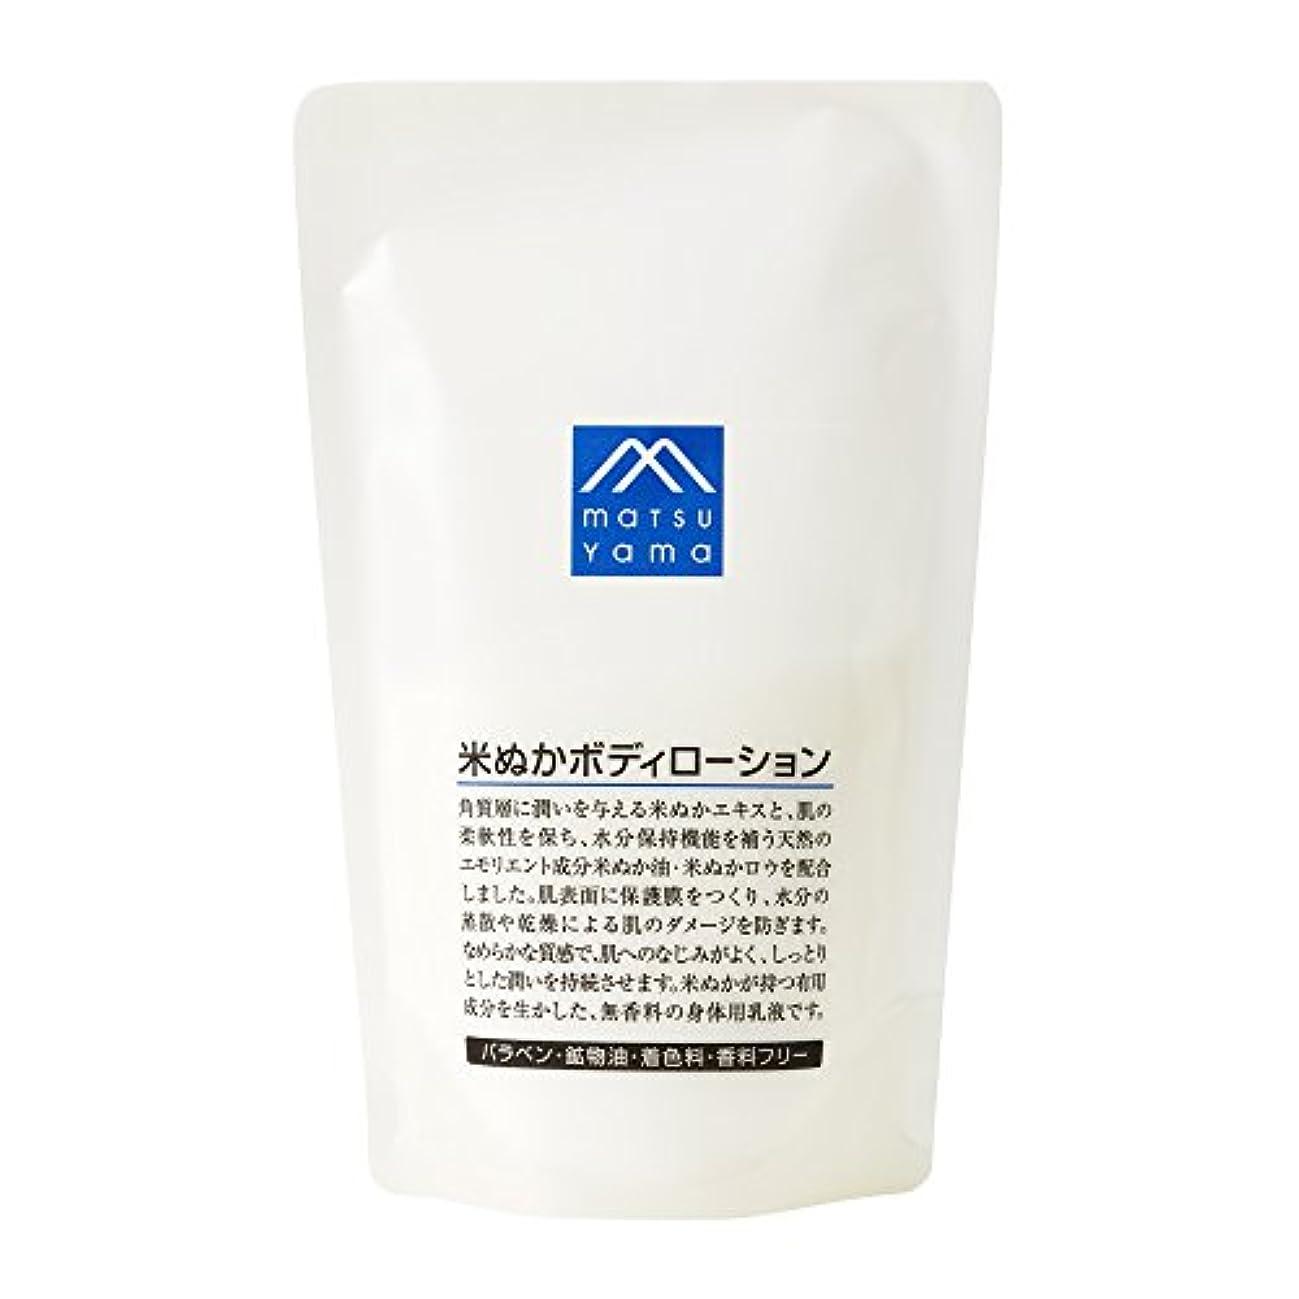 広告主レコーダー高度なM-mark 米ぬかボディローション 詰替用